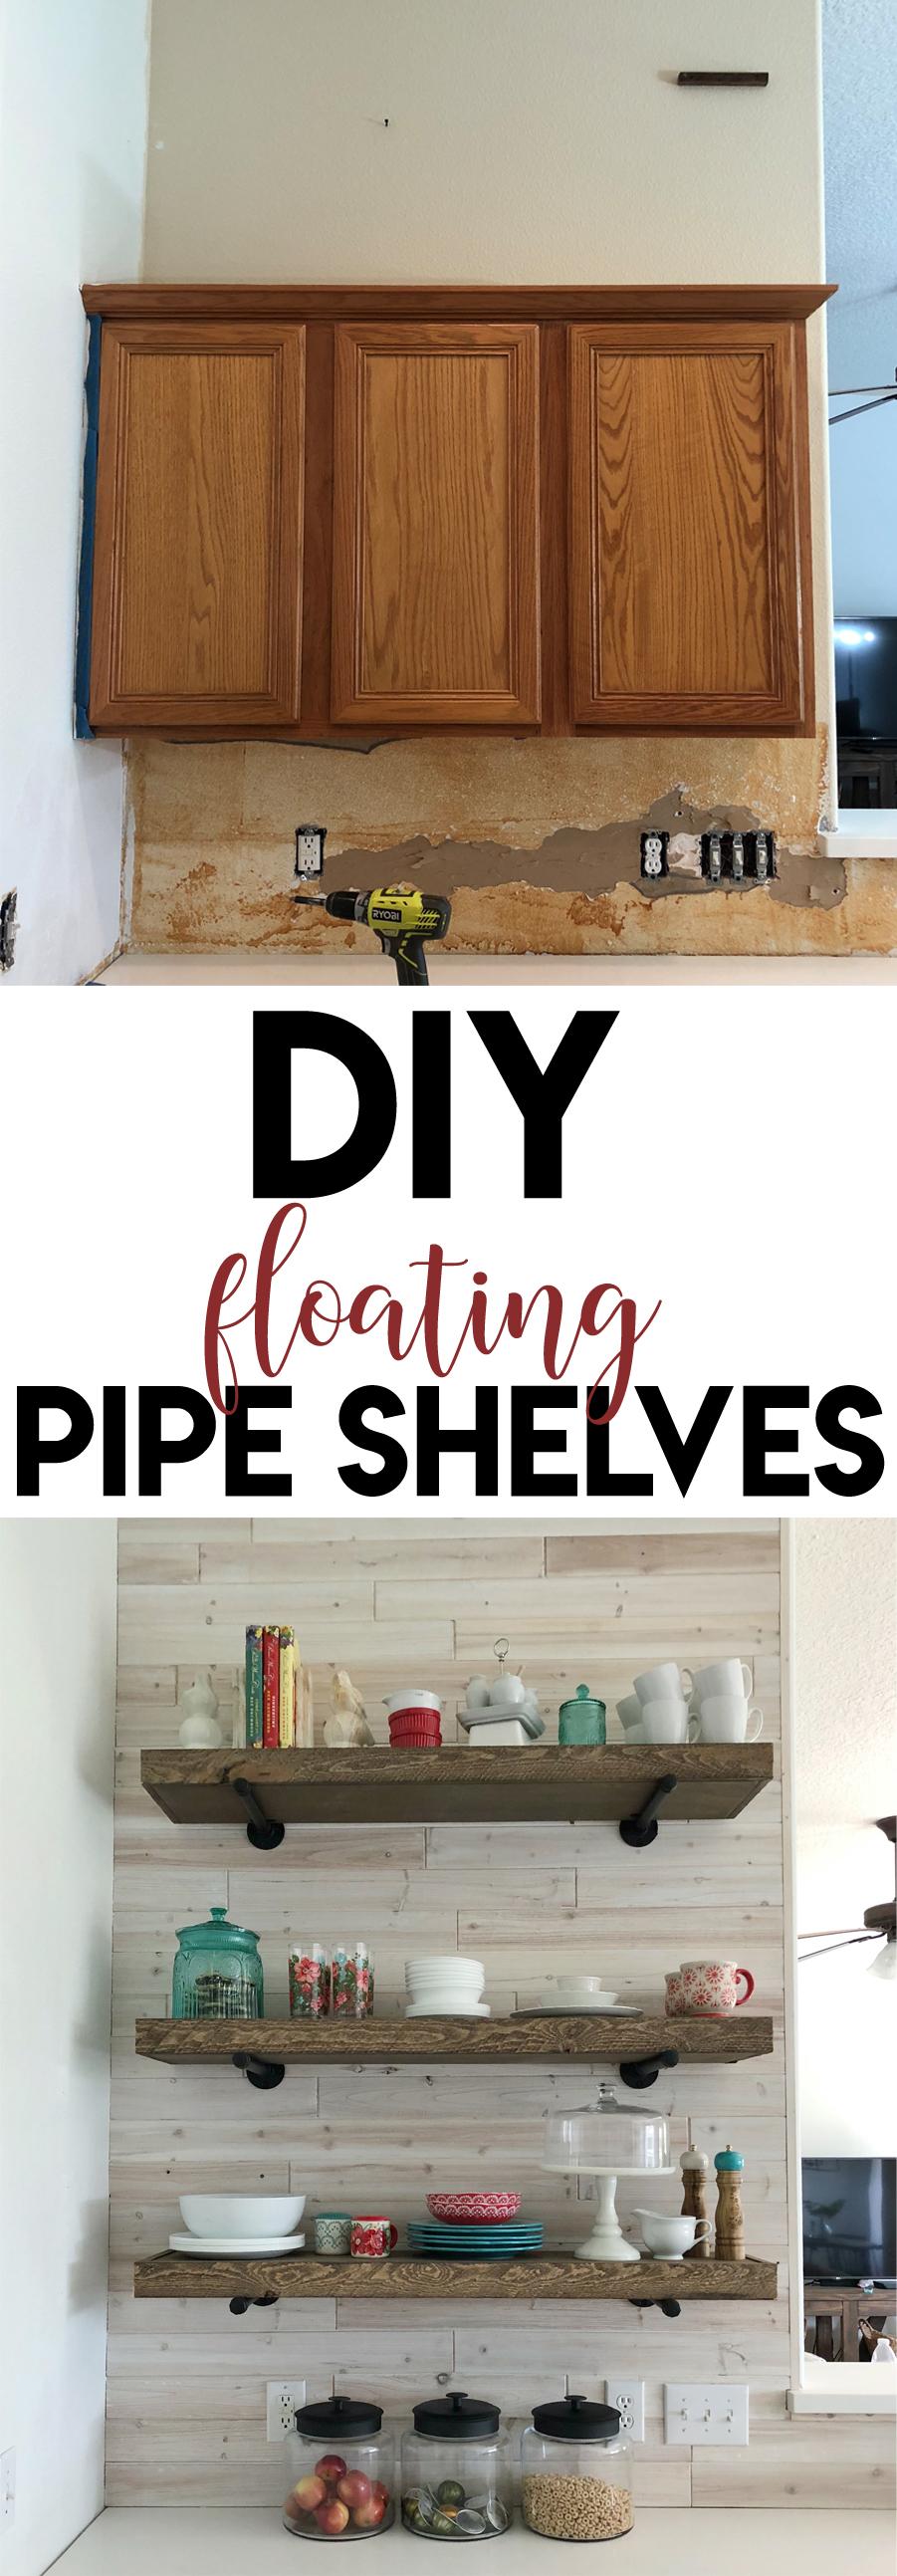 Floating Pipe Shelves